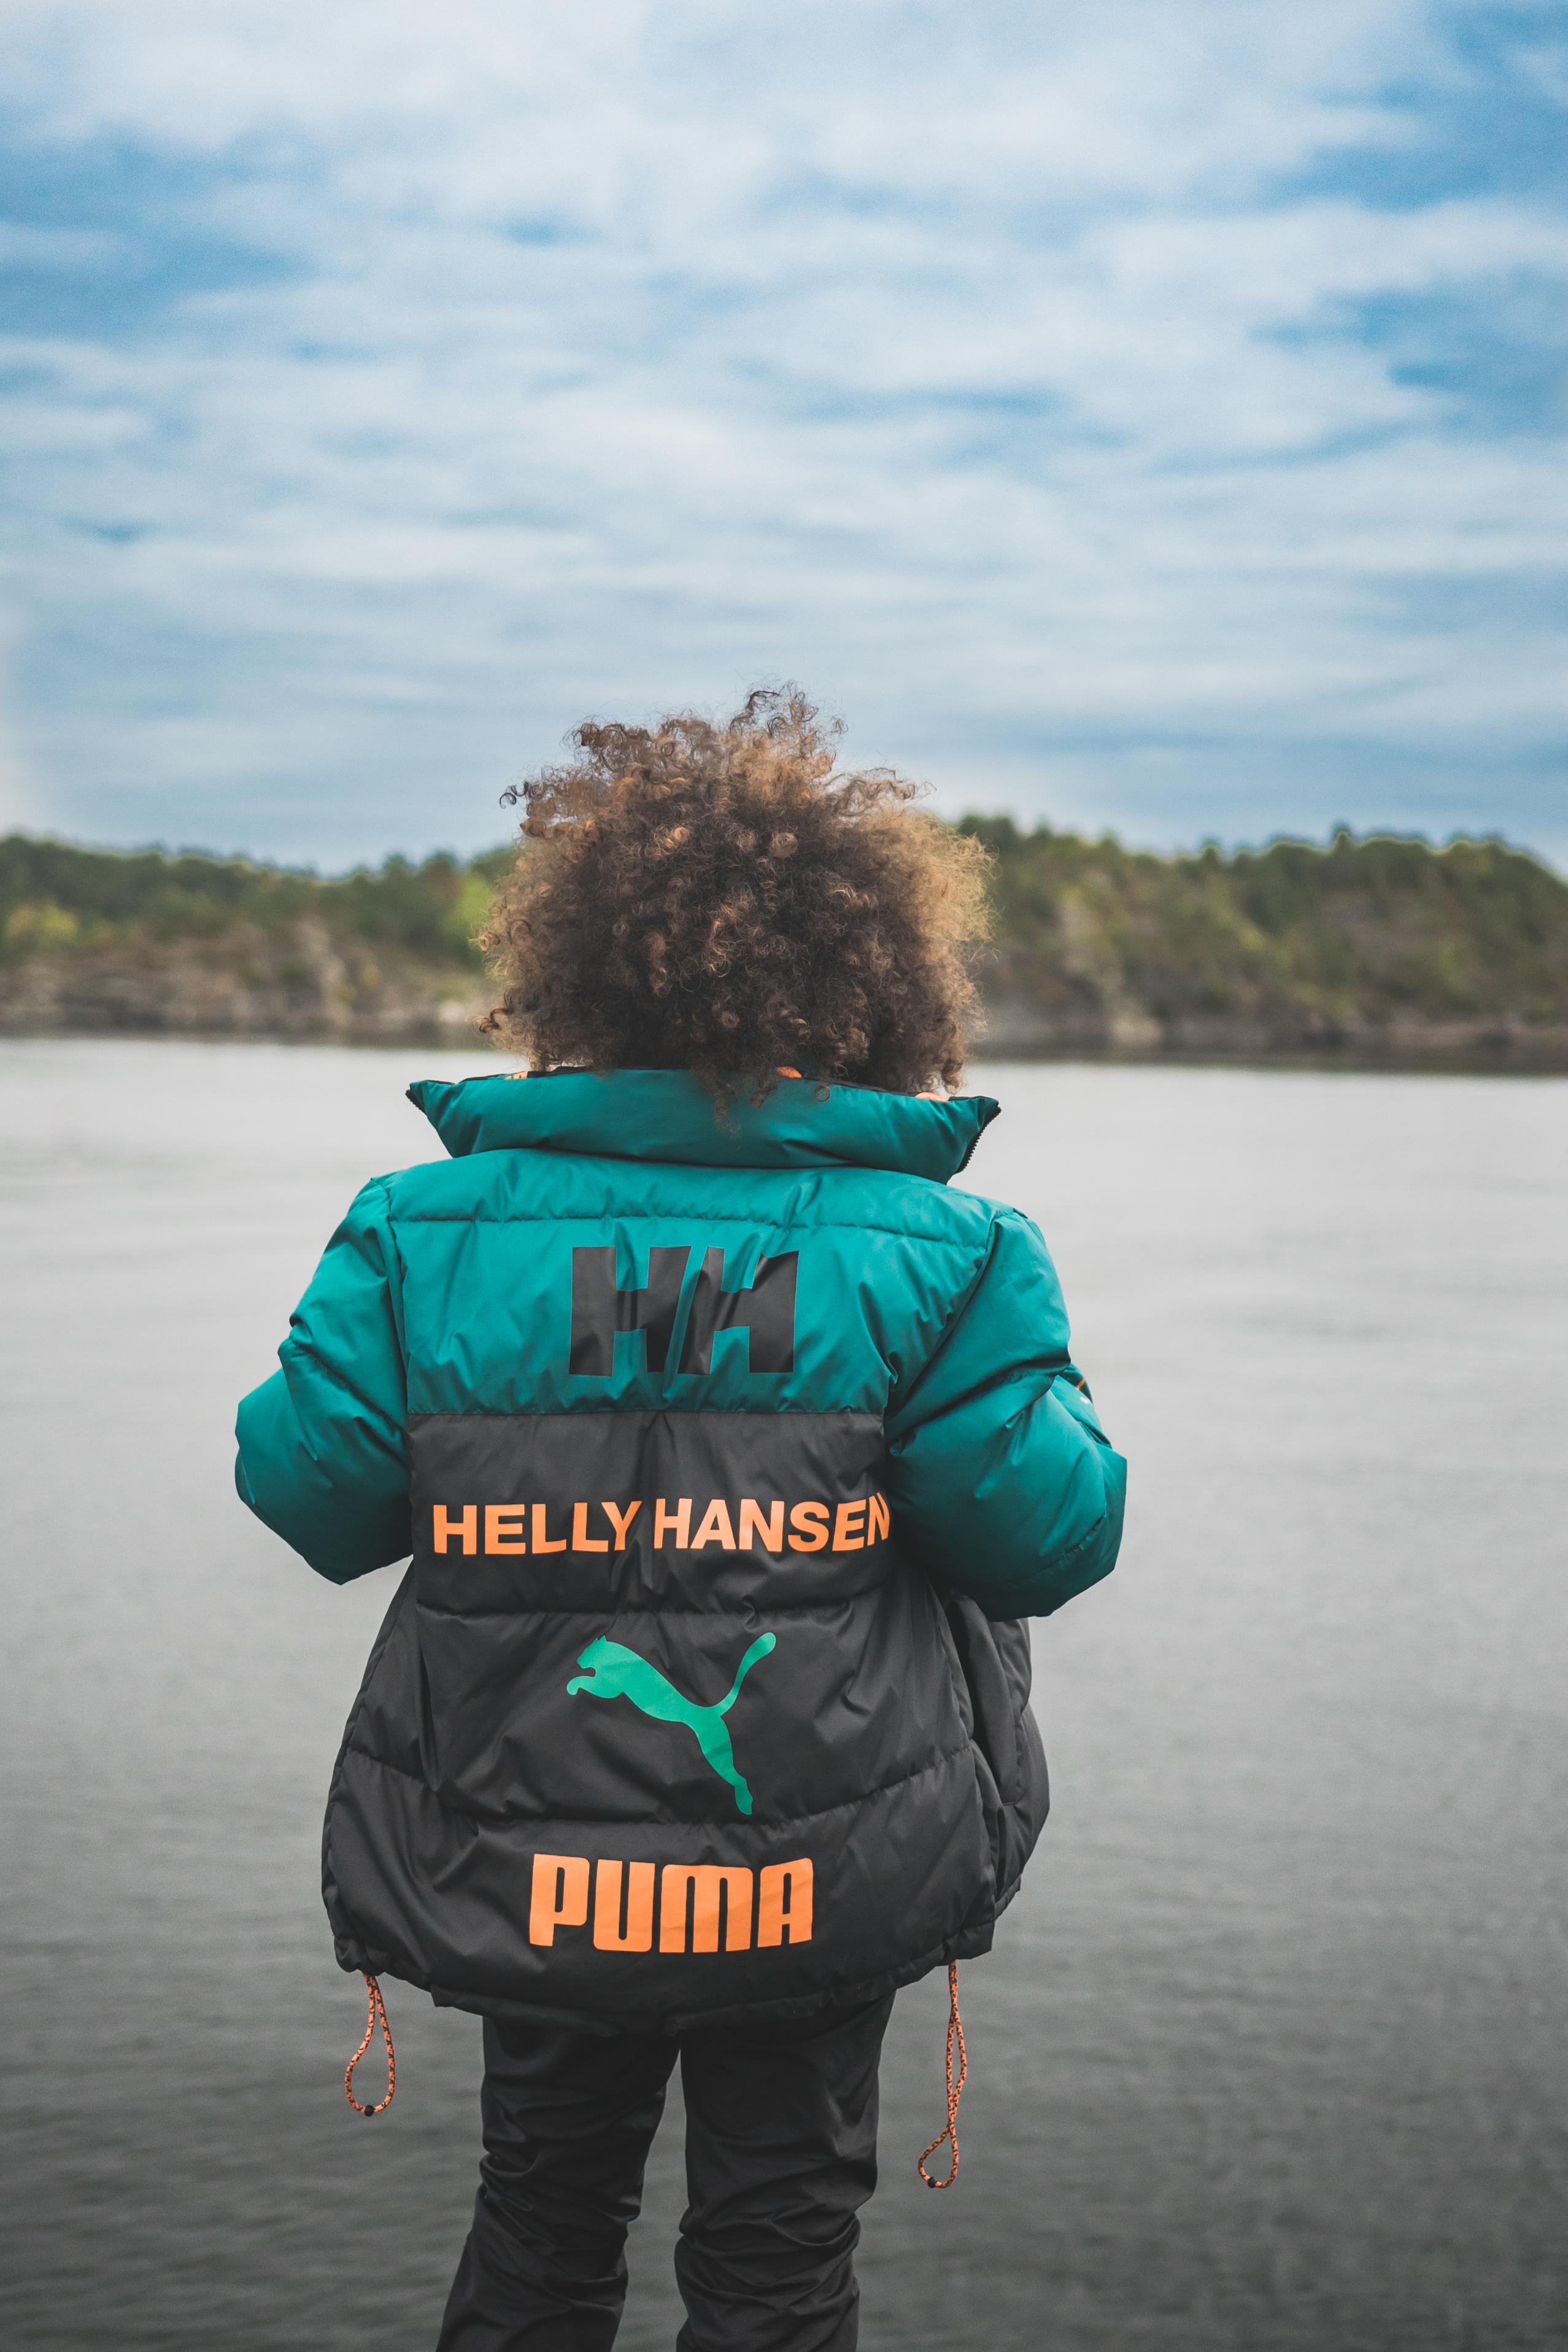 PUMA x Helly Hansen pokazali nową kolekcję w Oslo Noizz